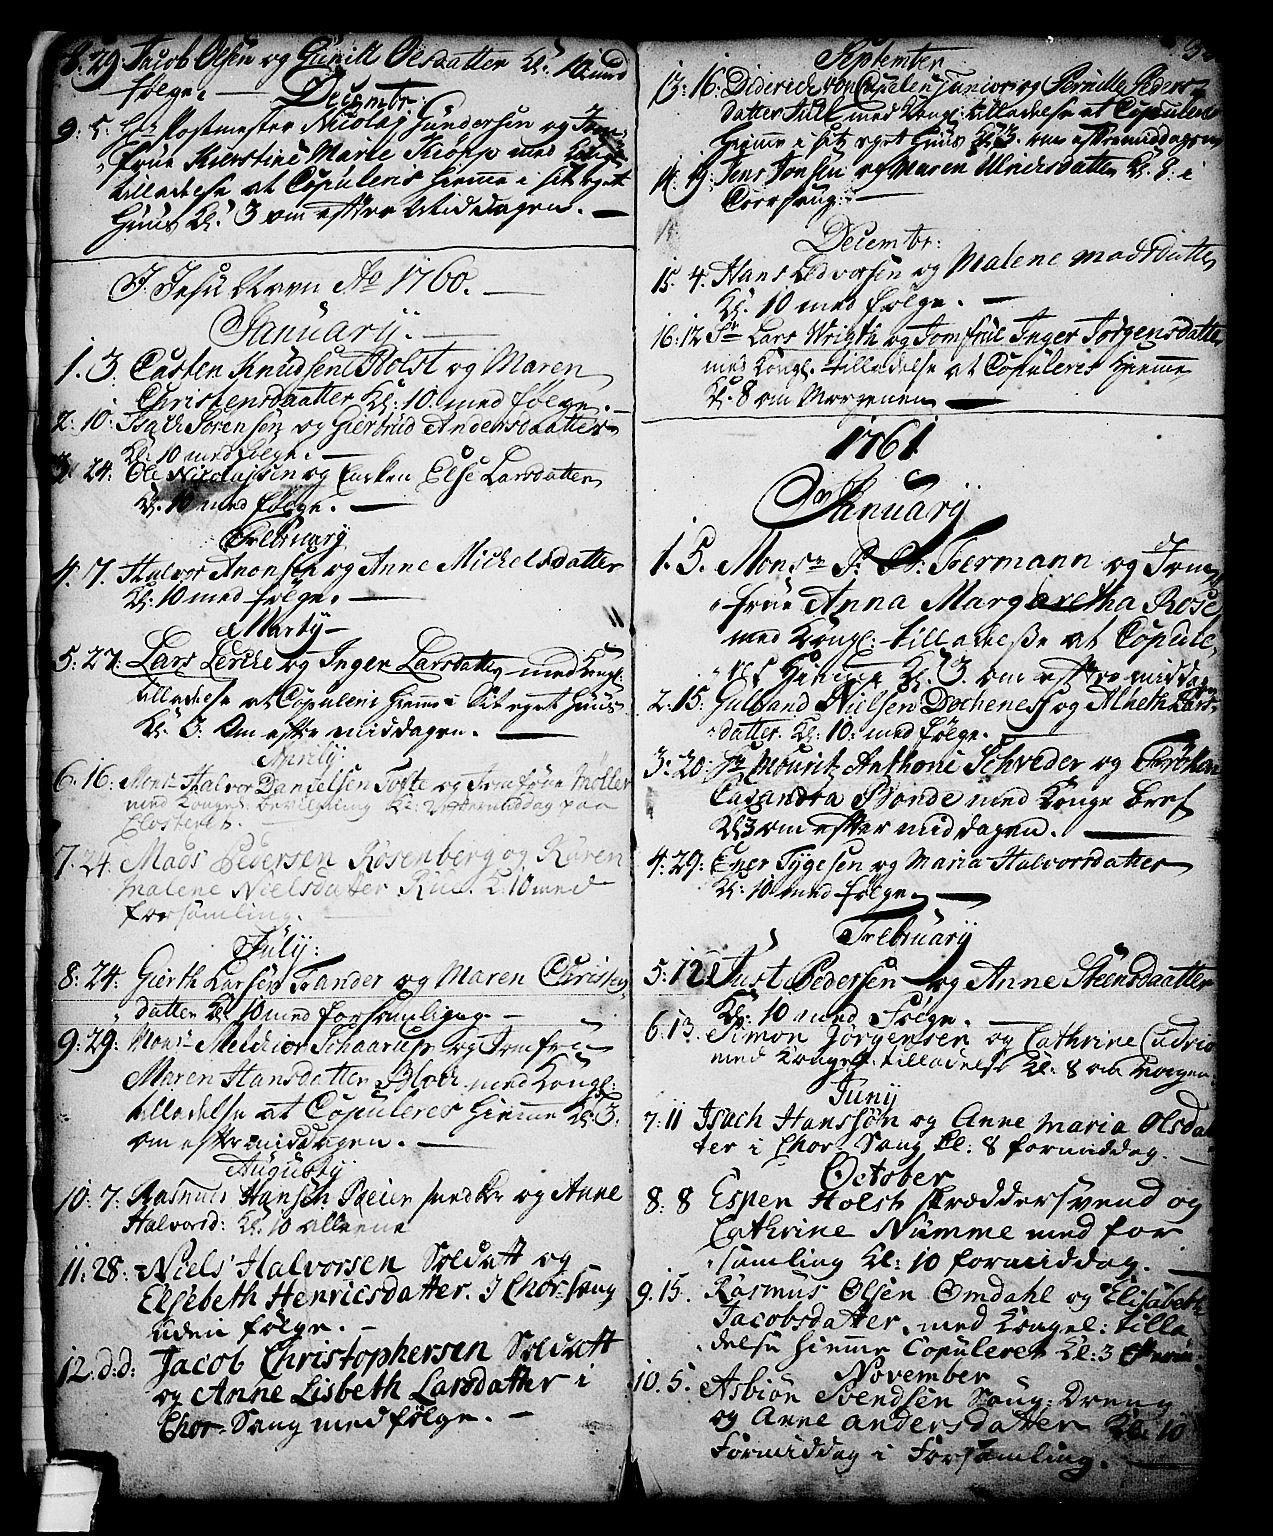 SAKO, Skien kirkebøker, G/Ga/L0001: Klokkerbok nr. 1, 1756-1791, s. 32